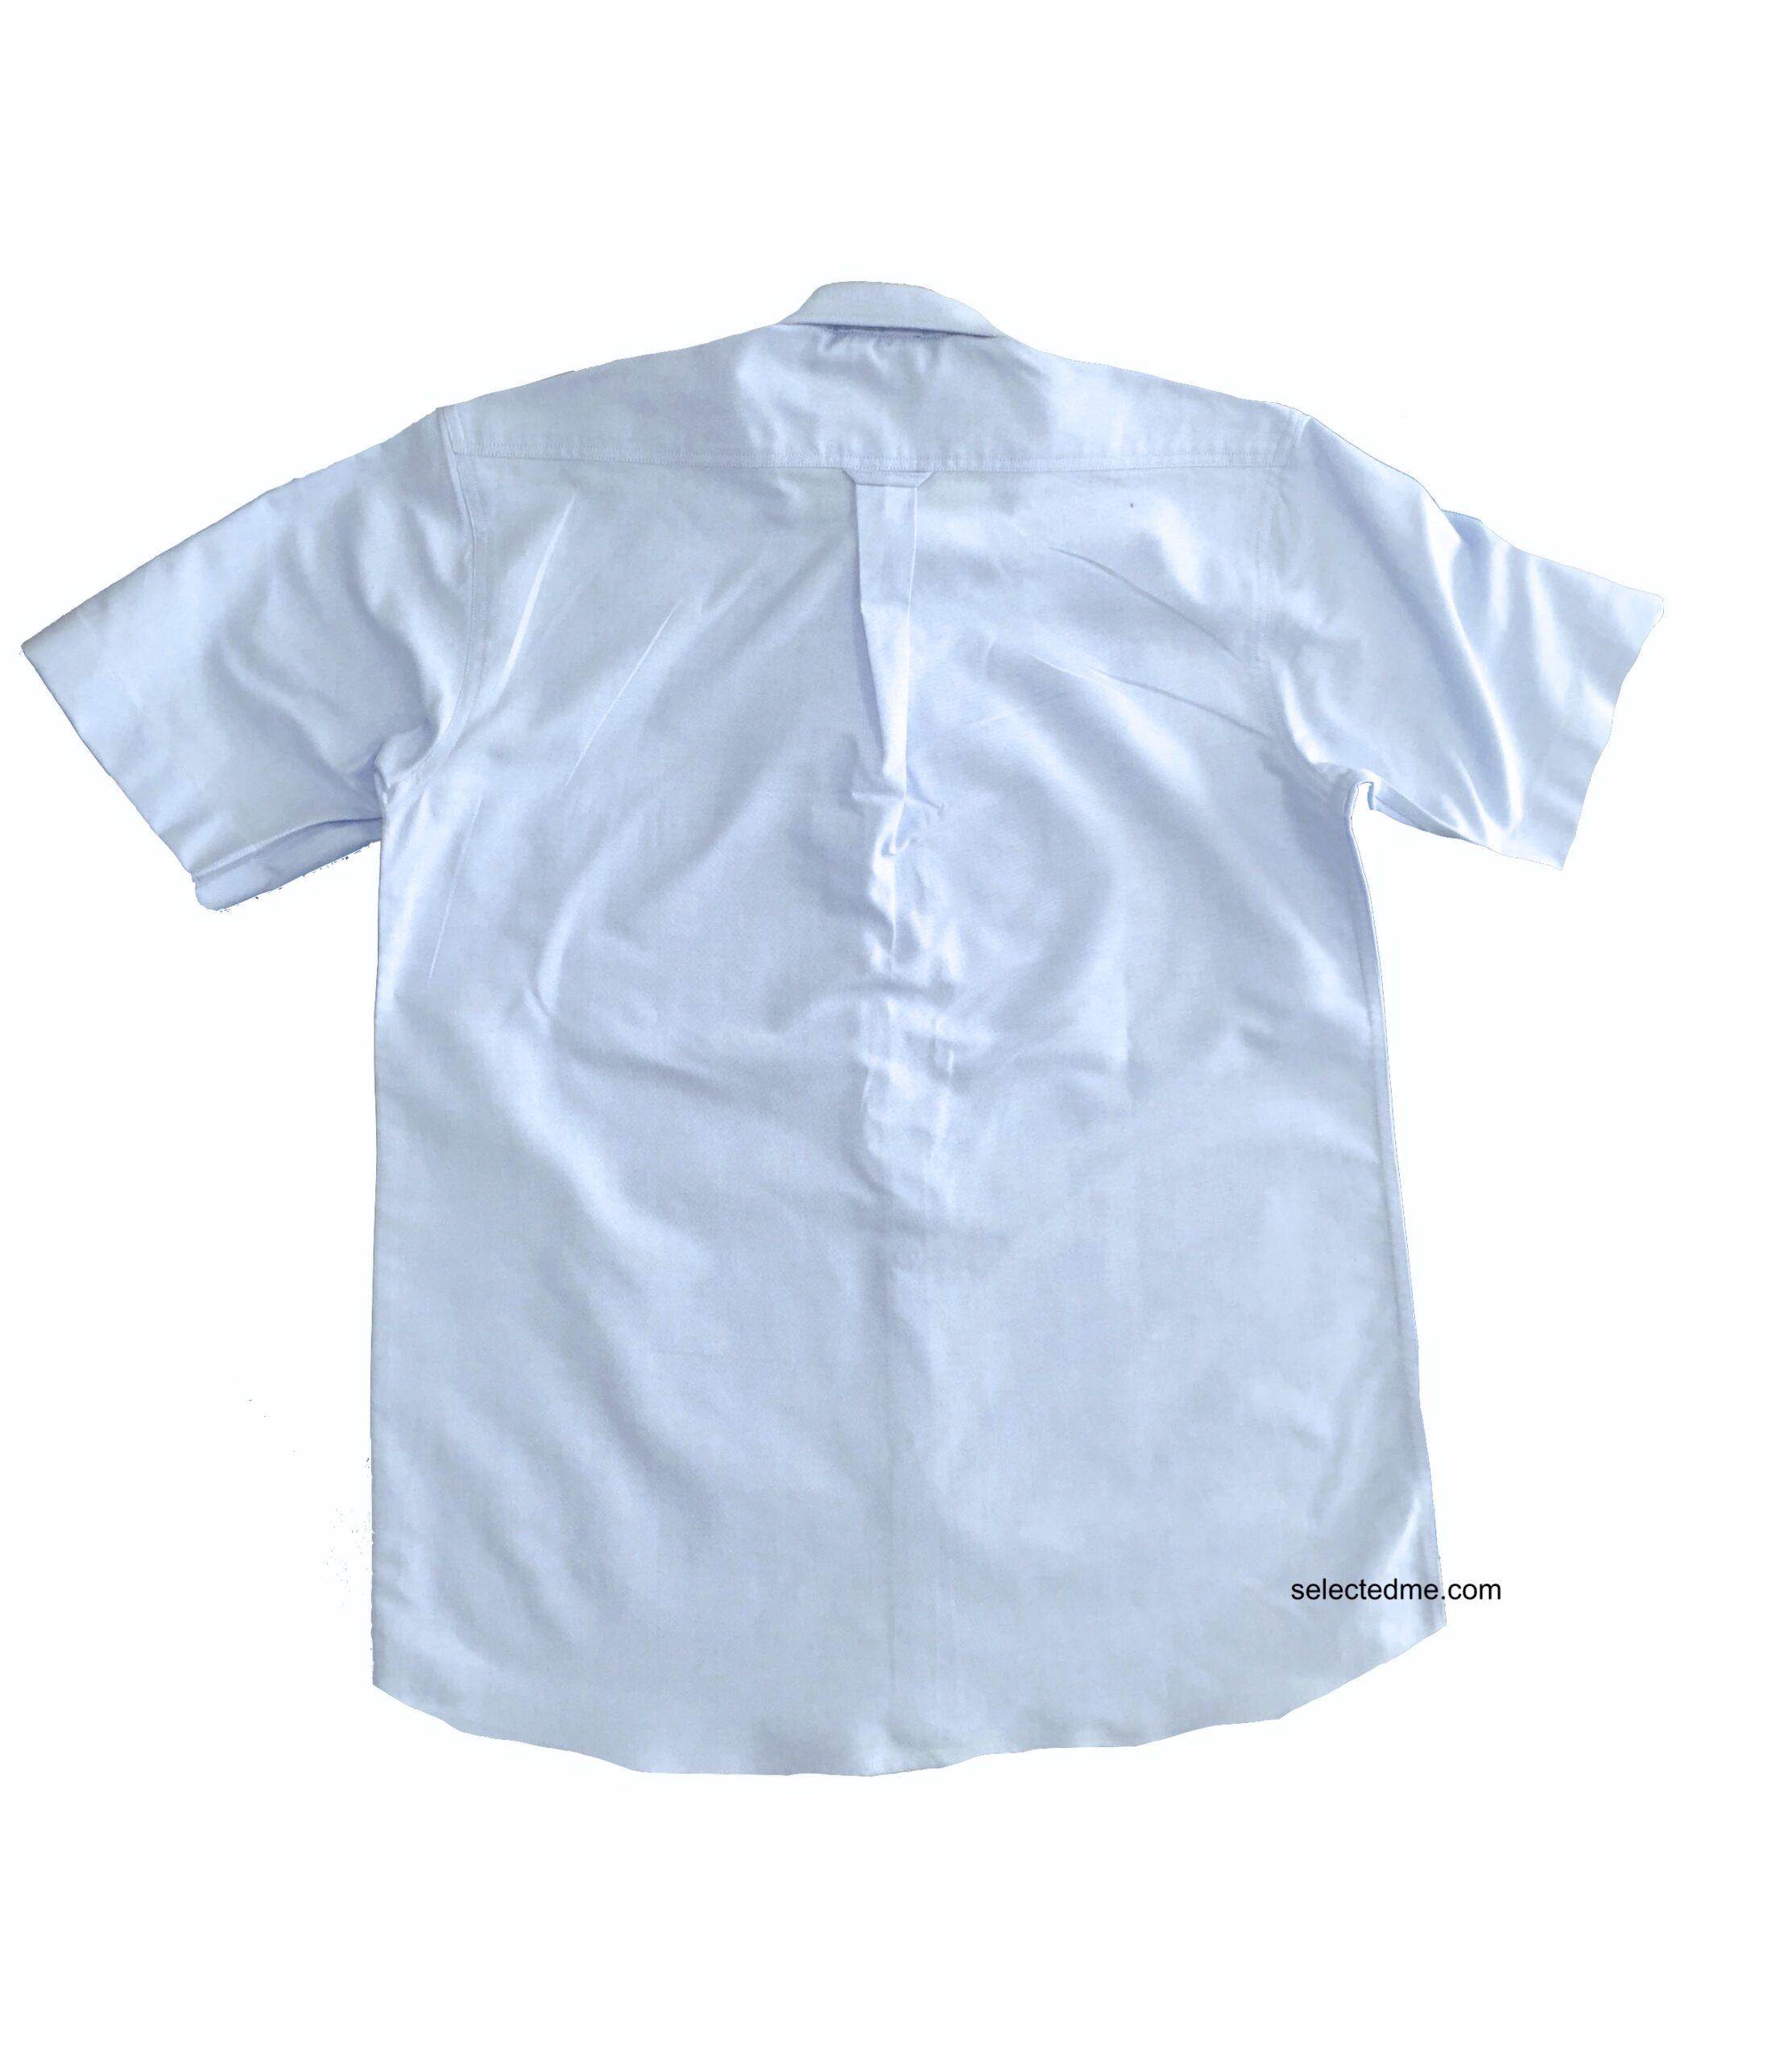 Mens uniform shirts wholesale design